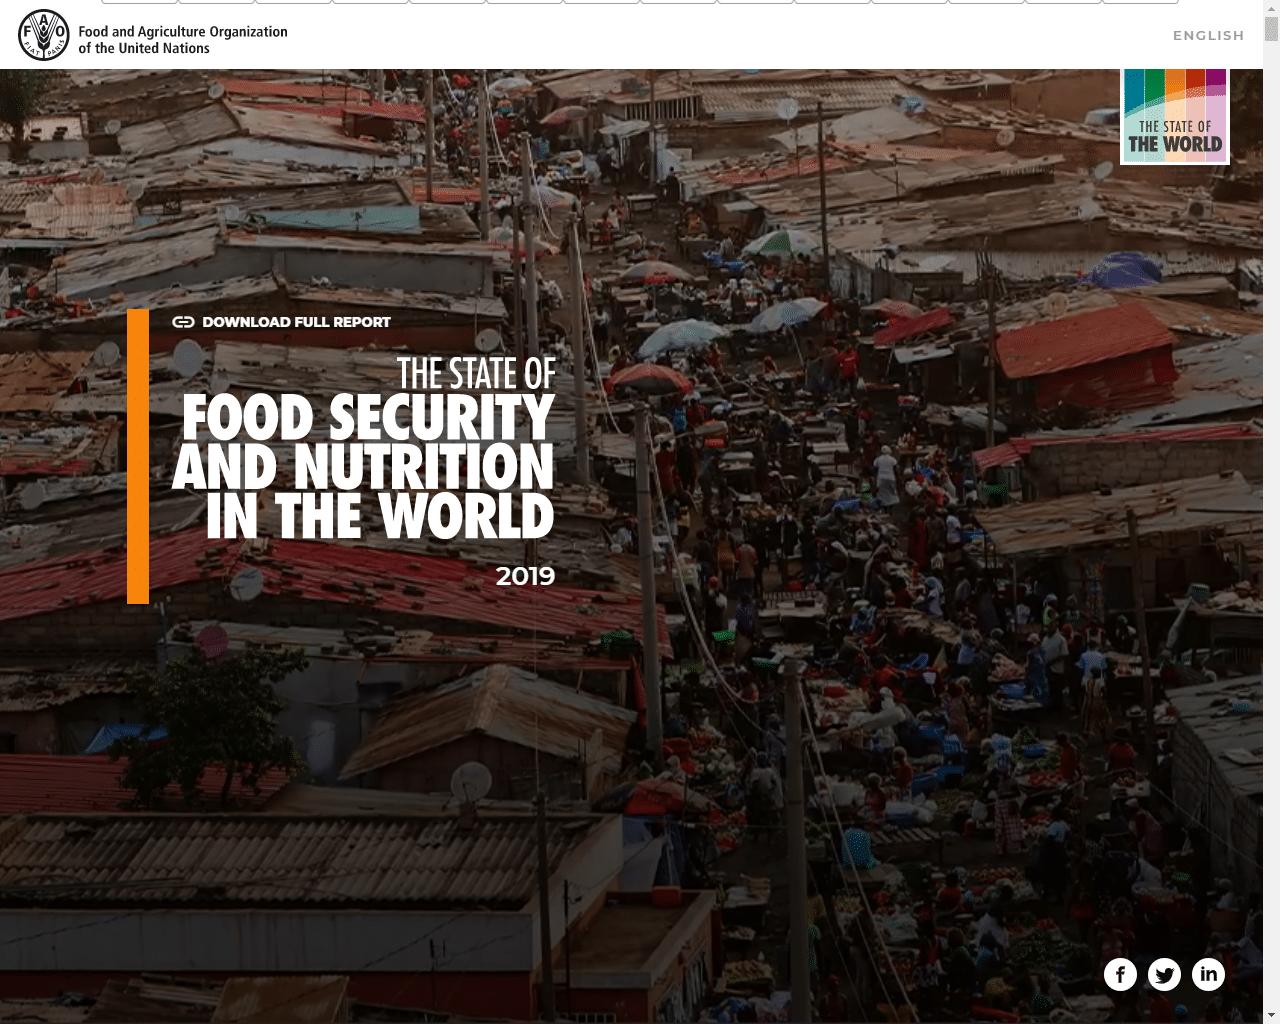 Rapport - Etat de la sécurité alimentaire et de la nutrition dans le monde 2019